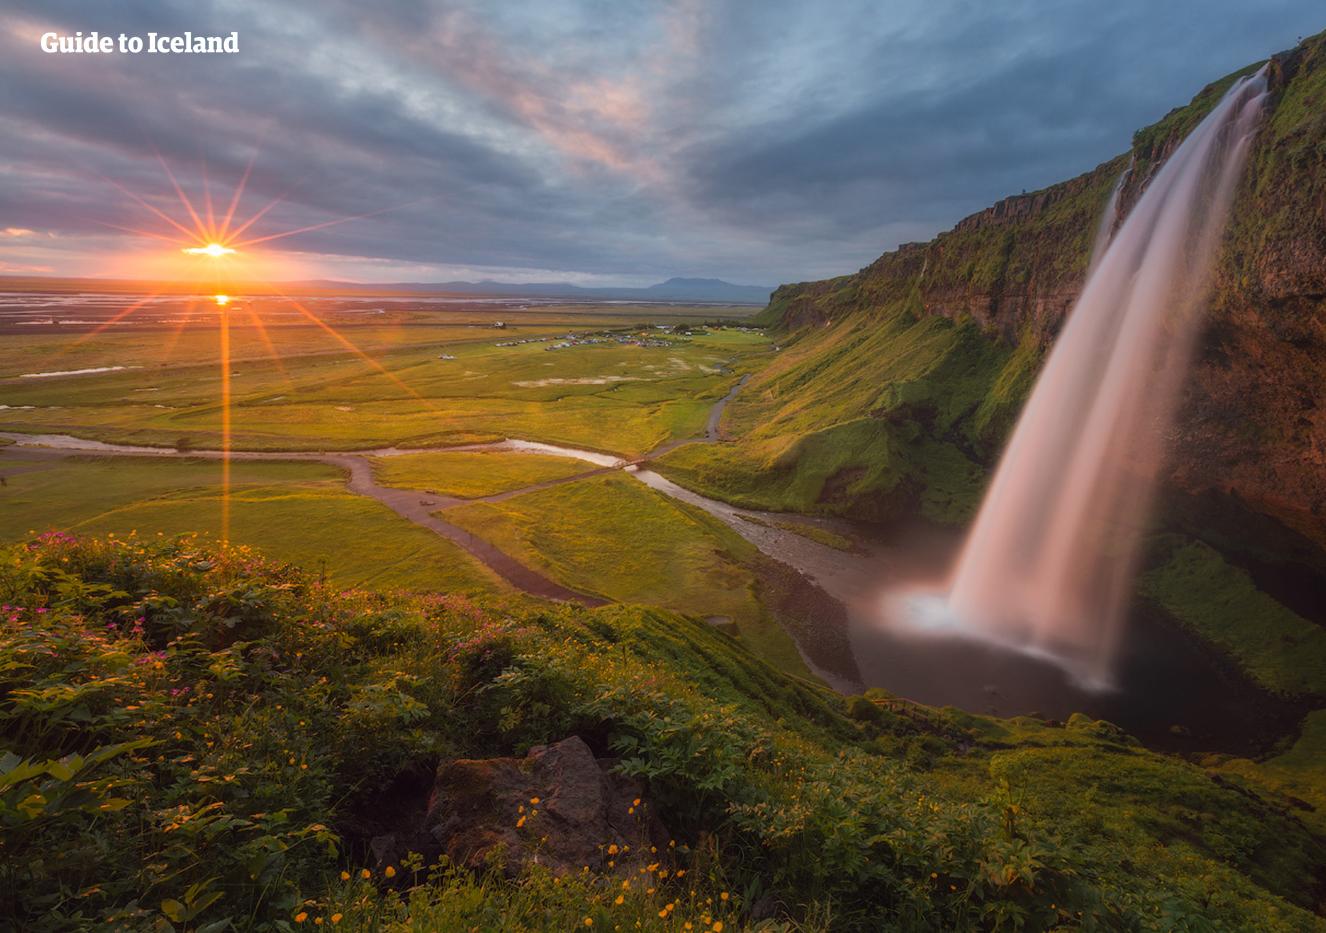 冰岛南岸的塞里雅兰瀑布非常具有标志性